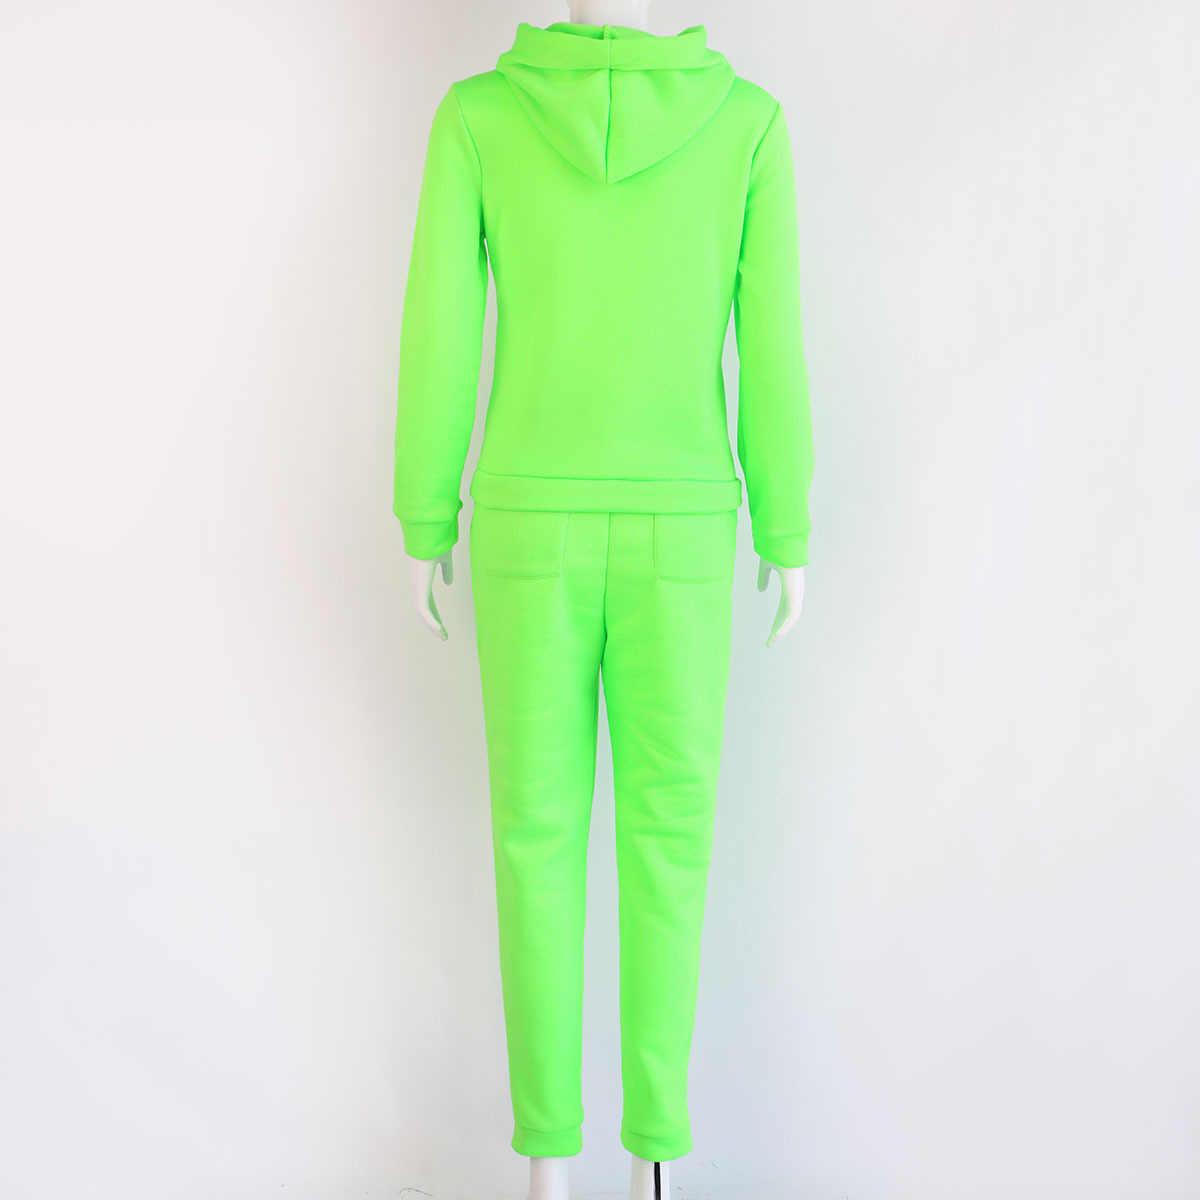 Neue Herbst Trainingsanzug Solide Rosa Neon Grün Zwei Stück Set 2019 Langarm Hoodie + Lange Hosen Schweiß Anzüge Frauen 2 stück Outfits